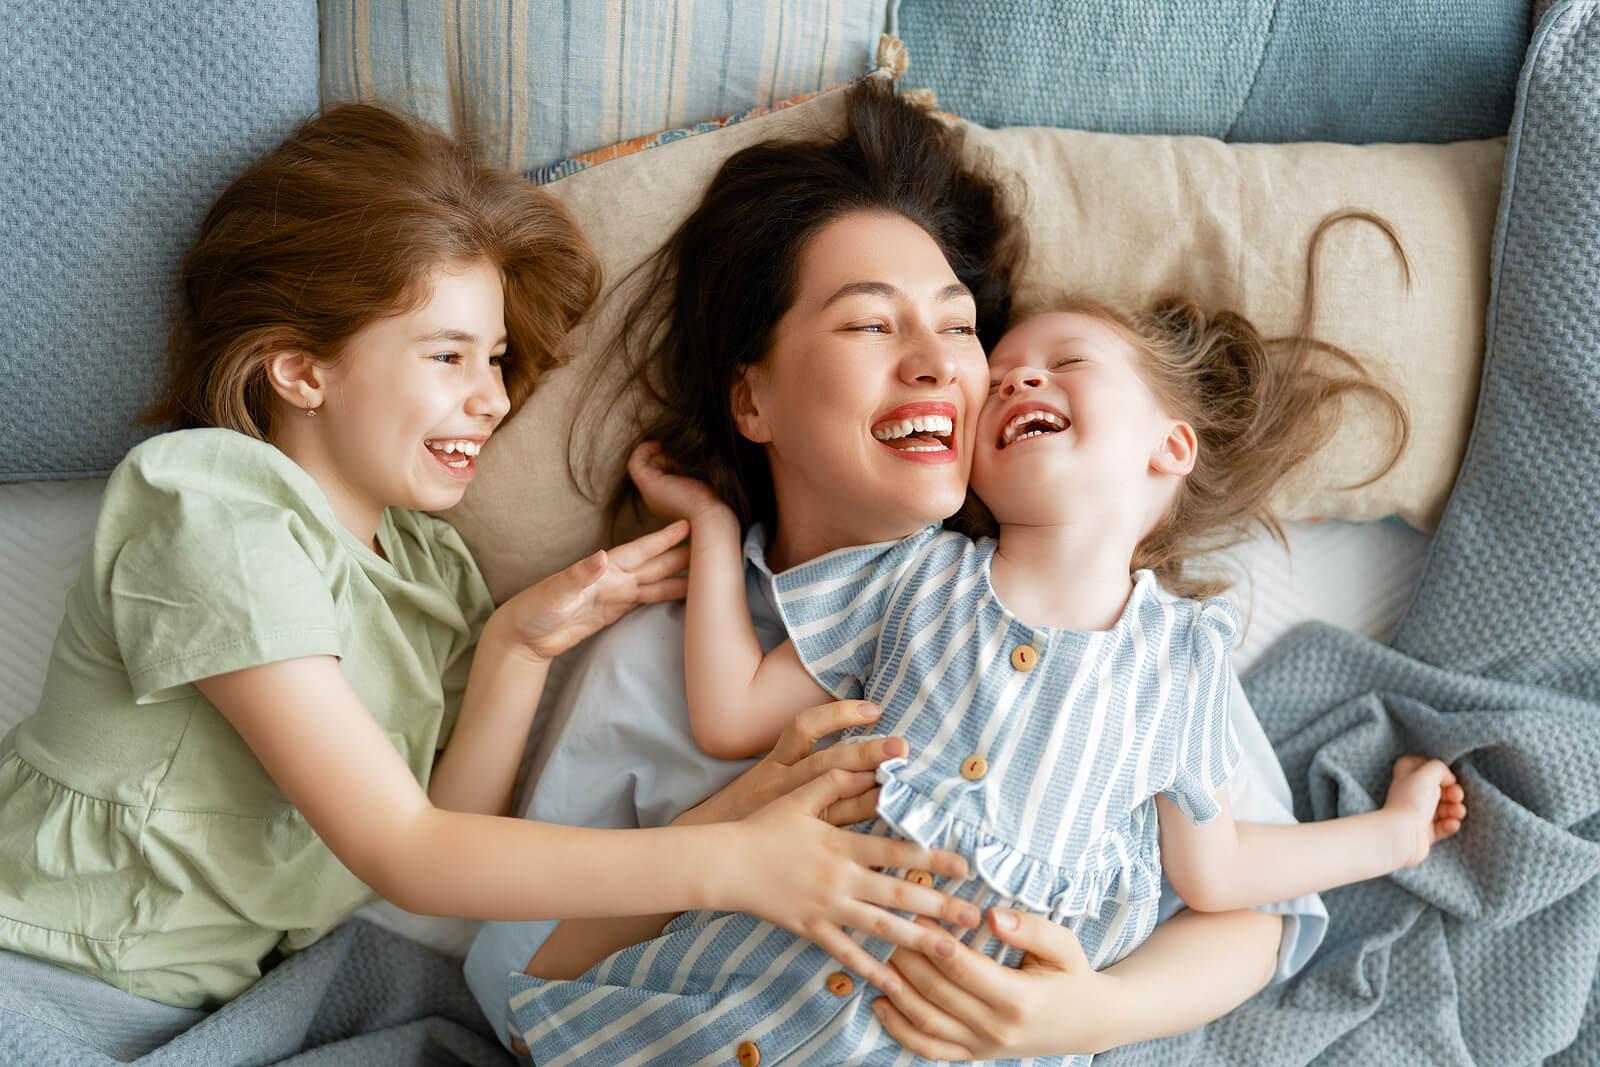 Madre disfrutando con sus hijas mientras se ríen en la diferentes etapas del humor infantil.